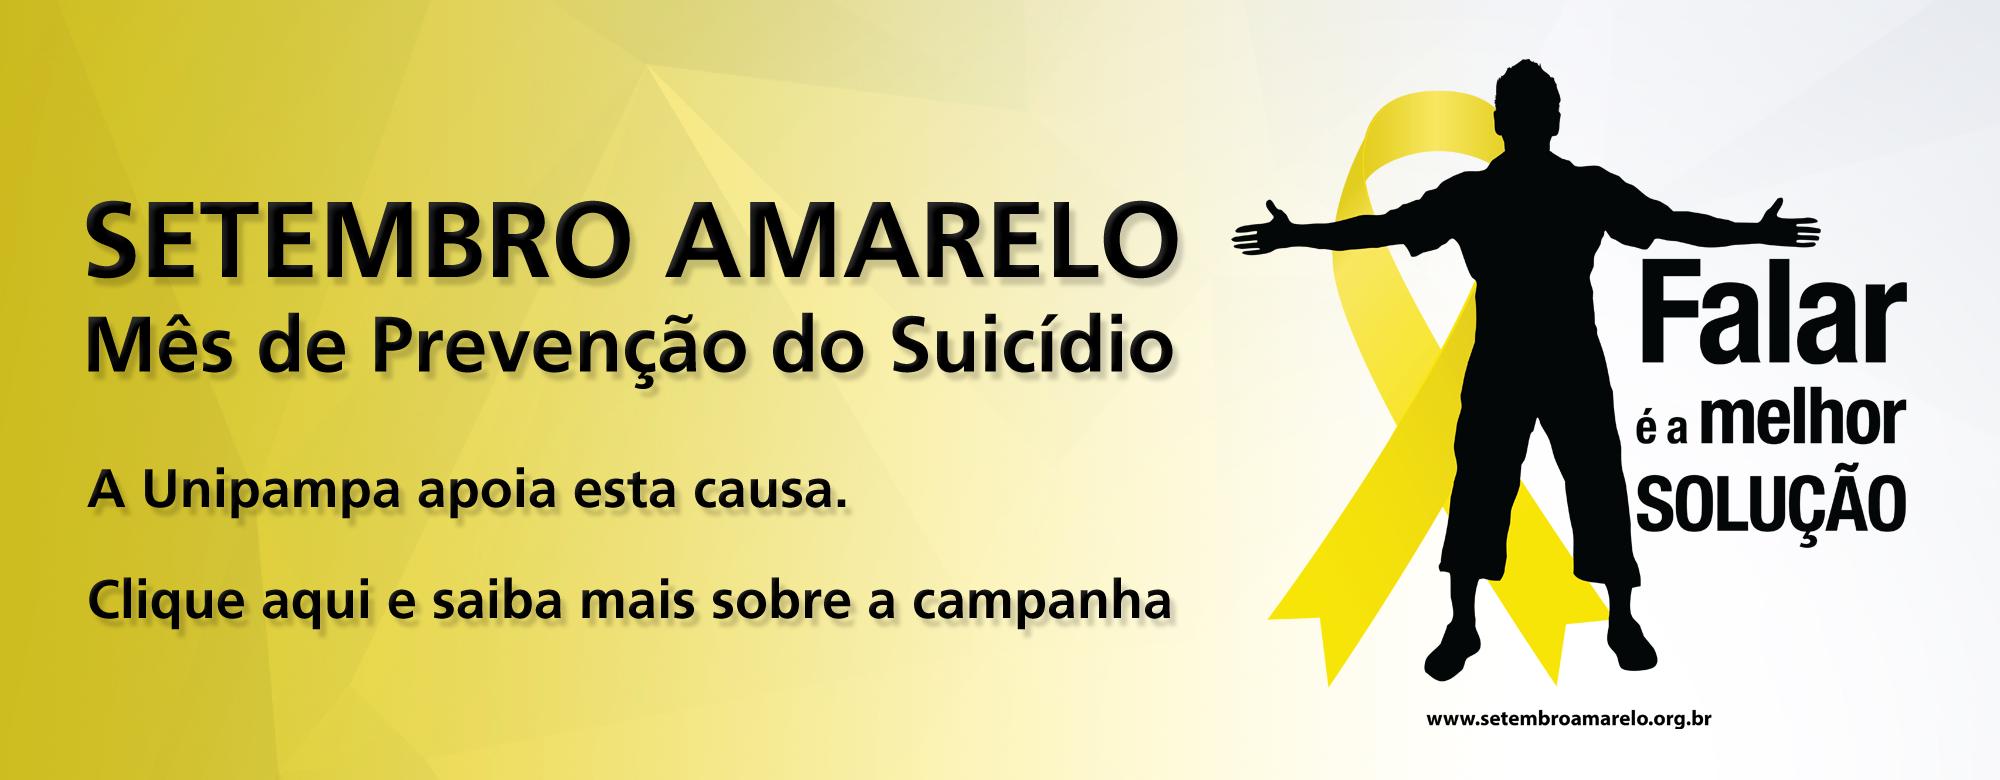 Setembro Amarelo. Mês de Prevenção do Suicídio. A Unipmapa apoia esta causa. Clique aqui e saiba mais sobre a campanha.